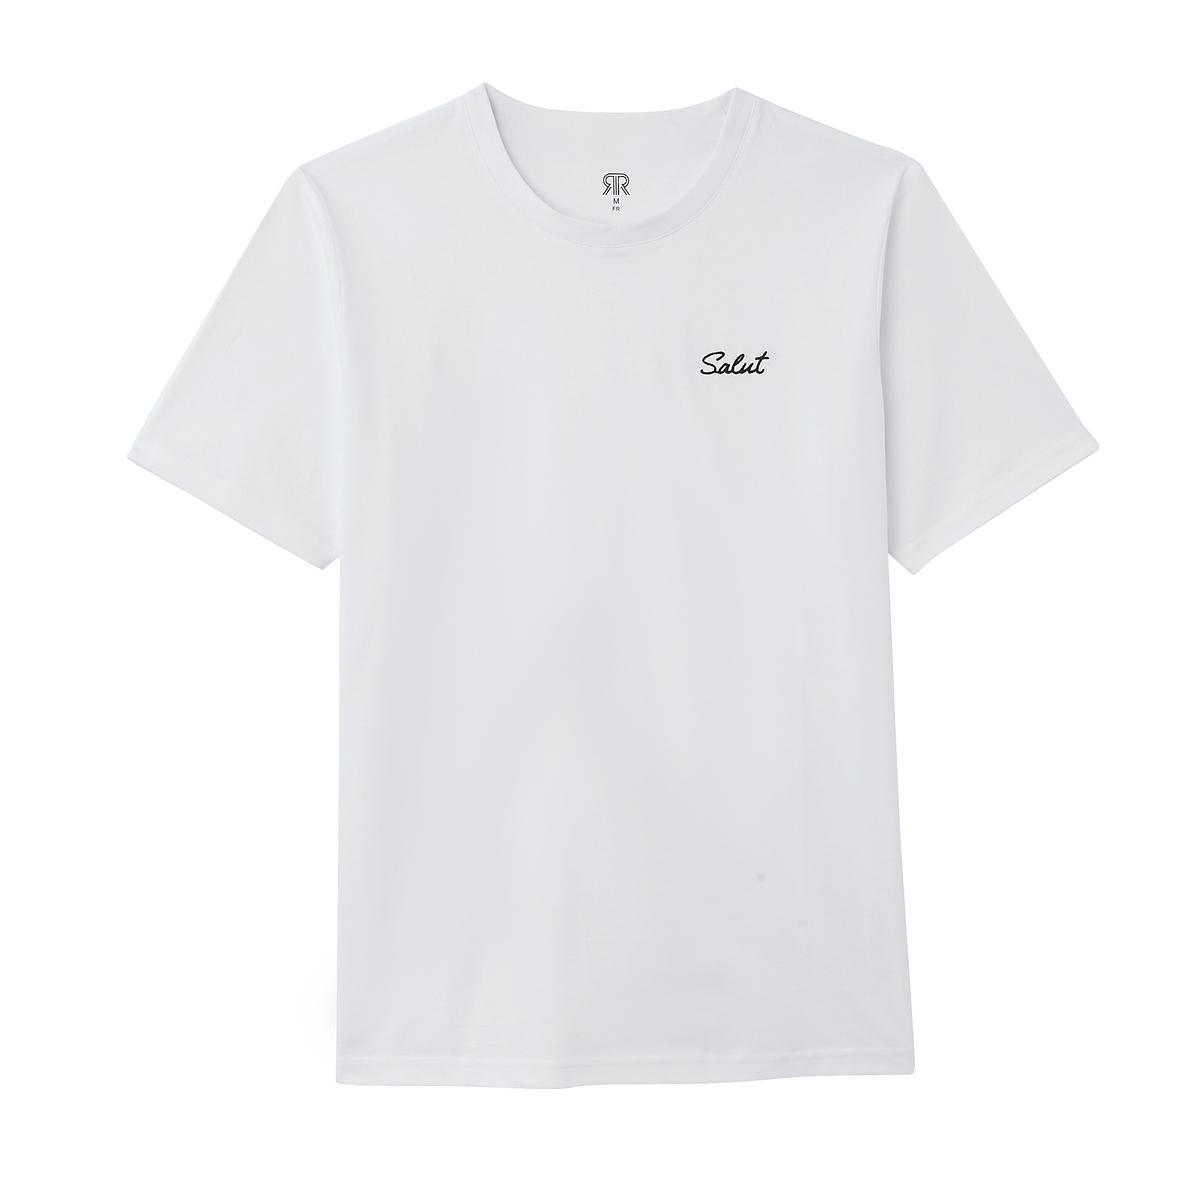 Футболка La Redoute С круглым вырезом и вышитой надписью на груди S белый футболка la redoute jorquote с забавной надписью s синий